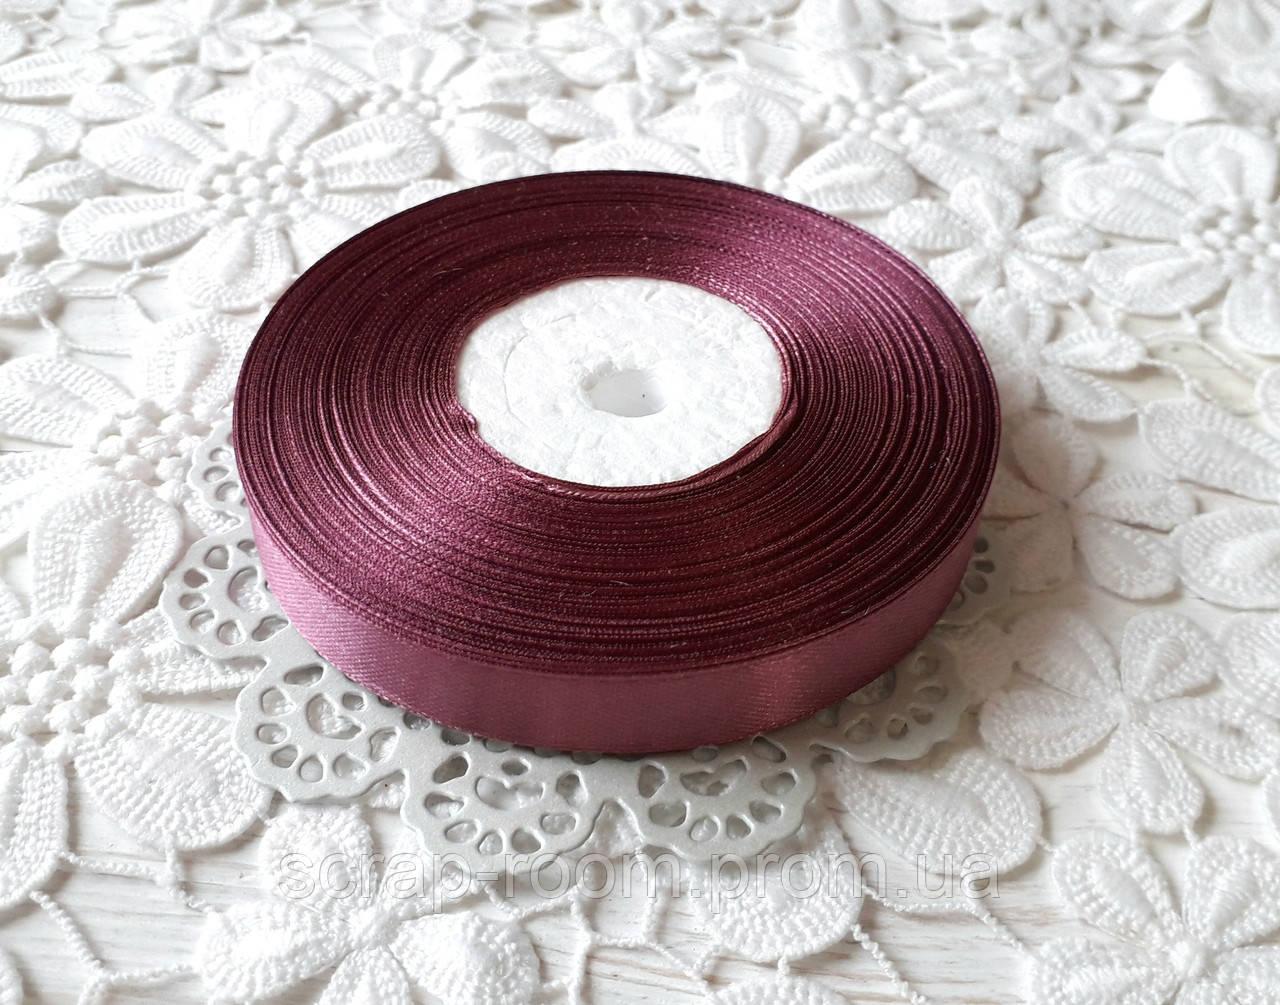 Лента атласная 1,2 см светло-бордовая, лента бордовая атлас, лента атласная бордовая, цена за метр